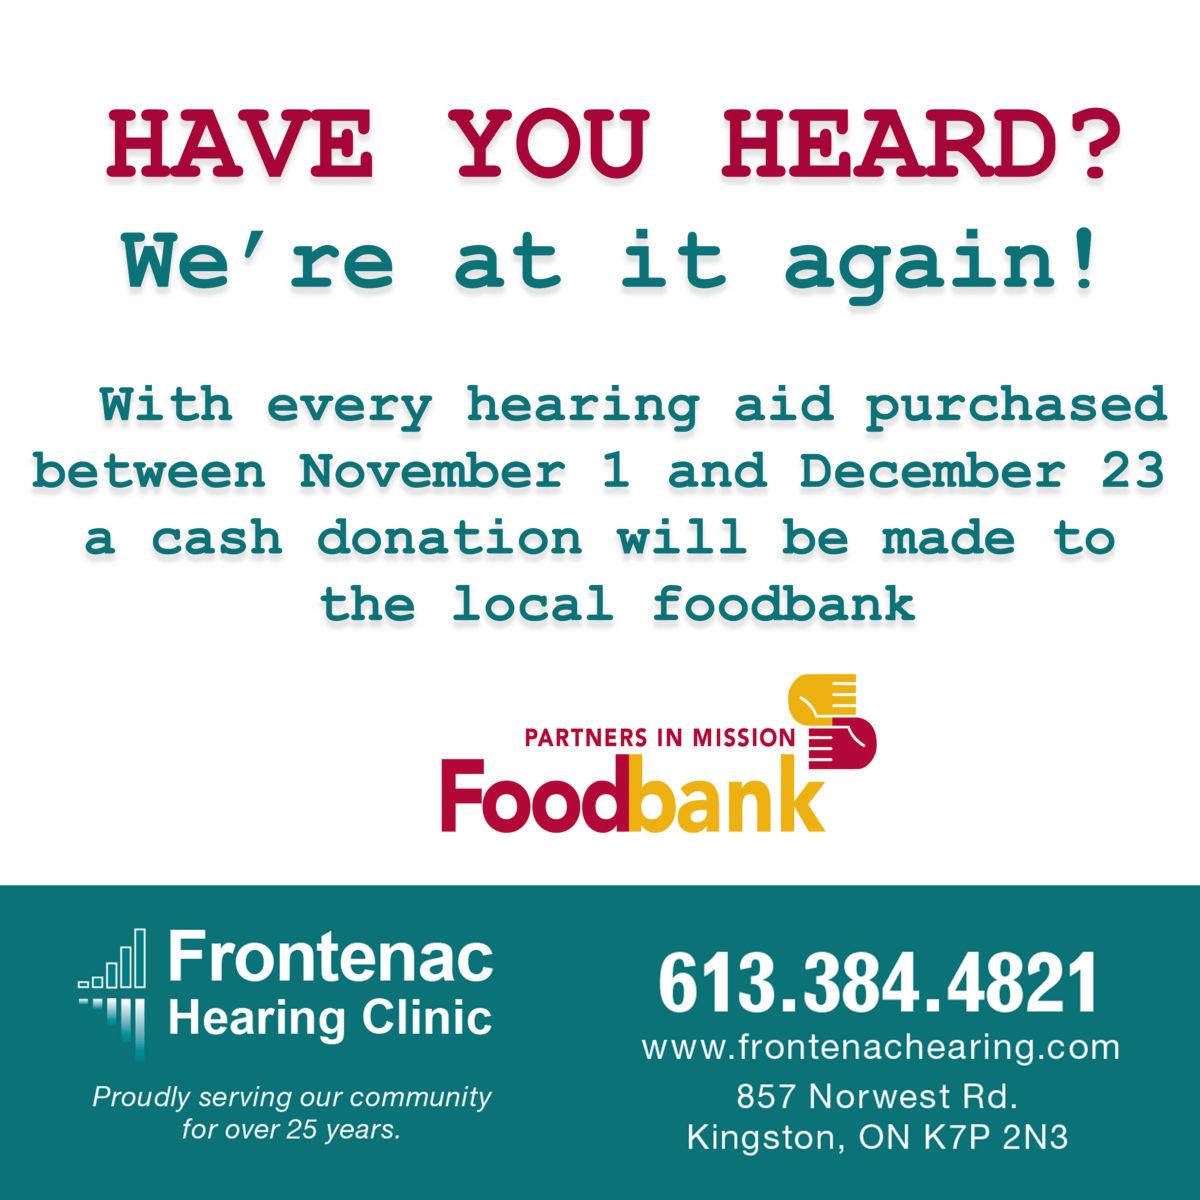 foodbankfhc-1200x1200.jpg